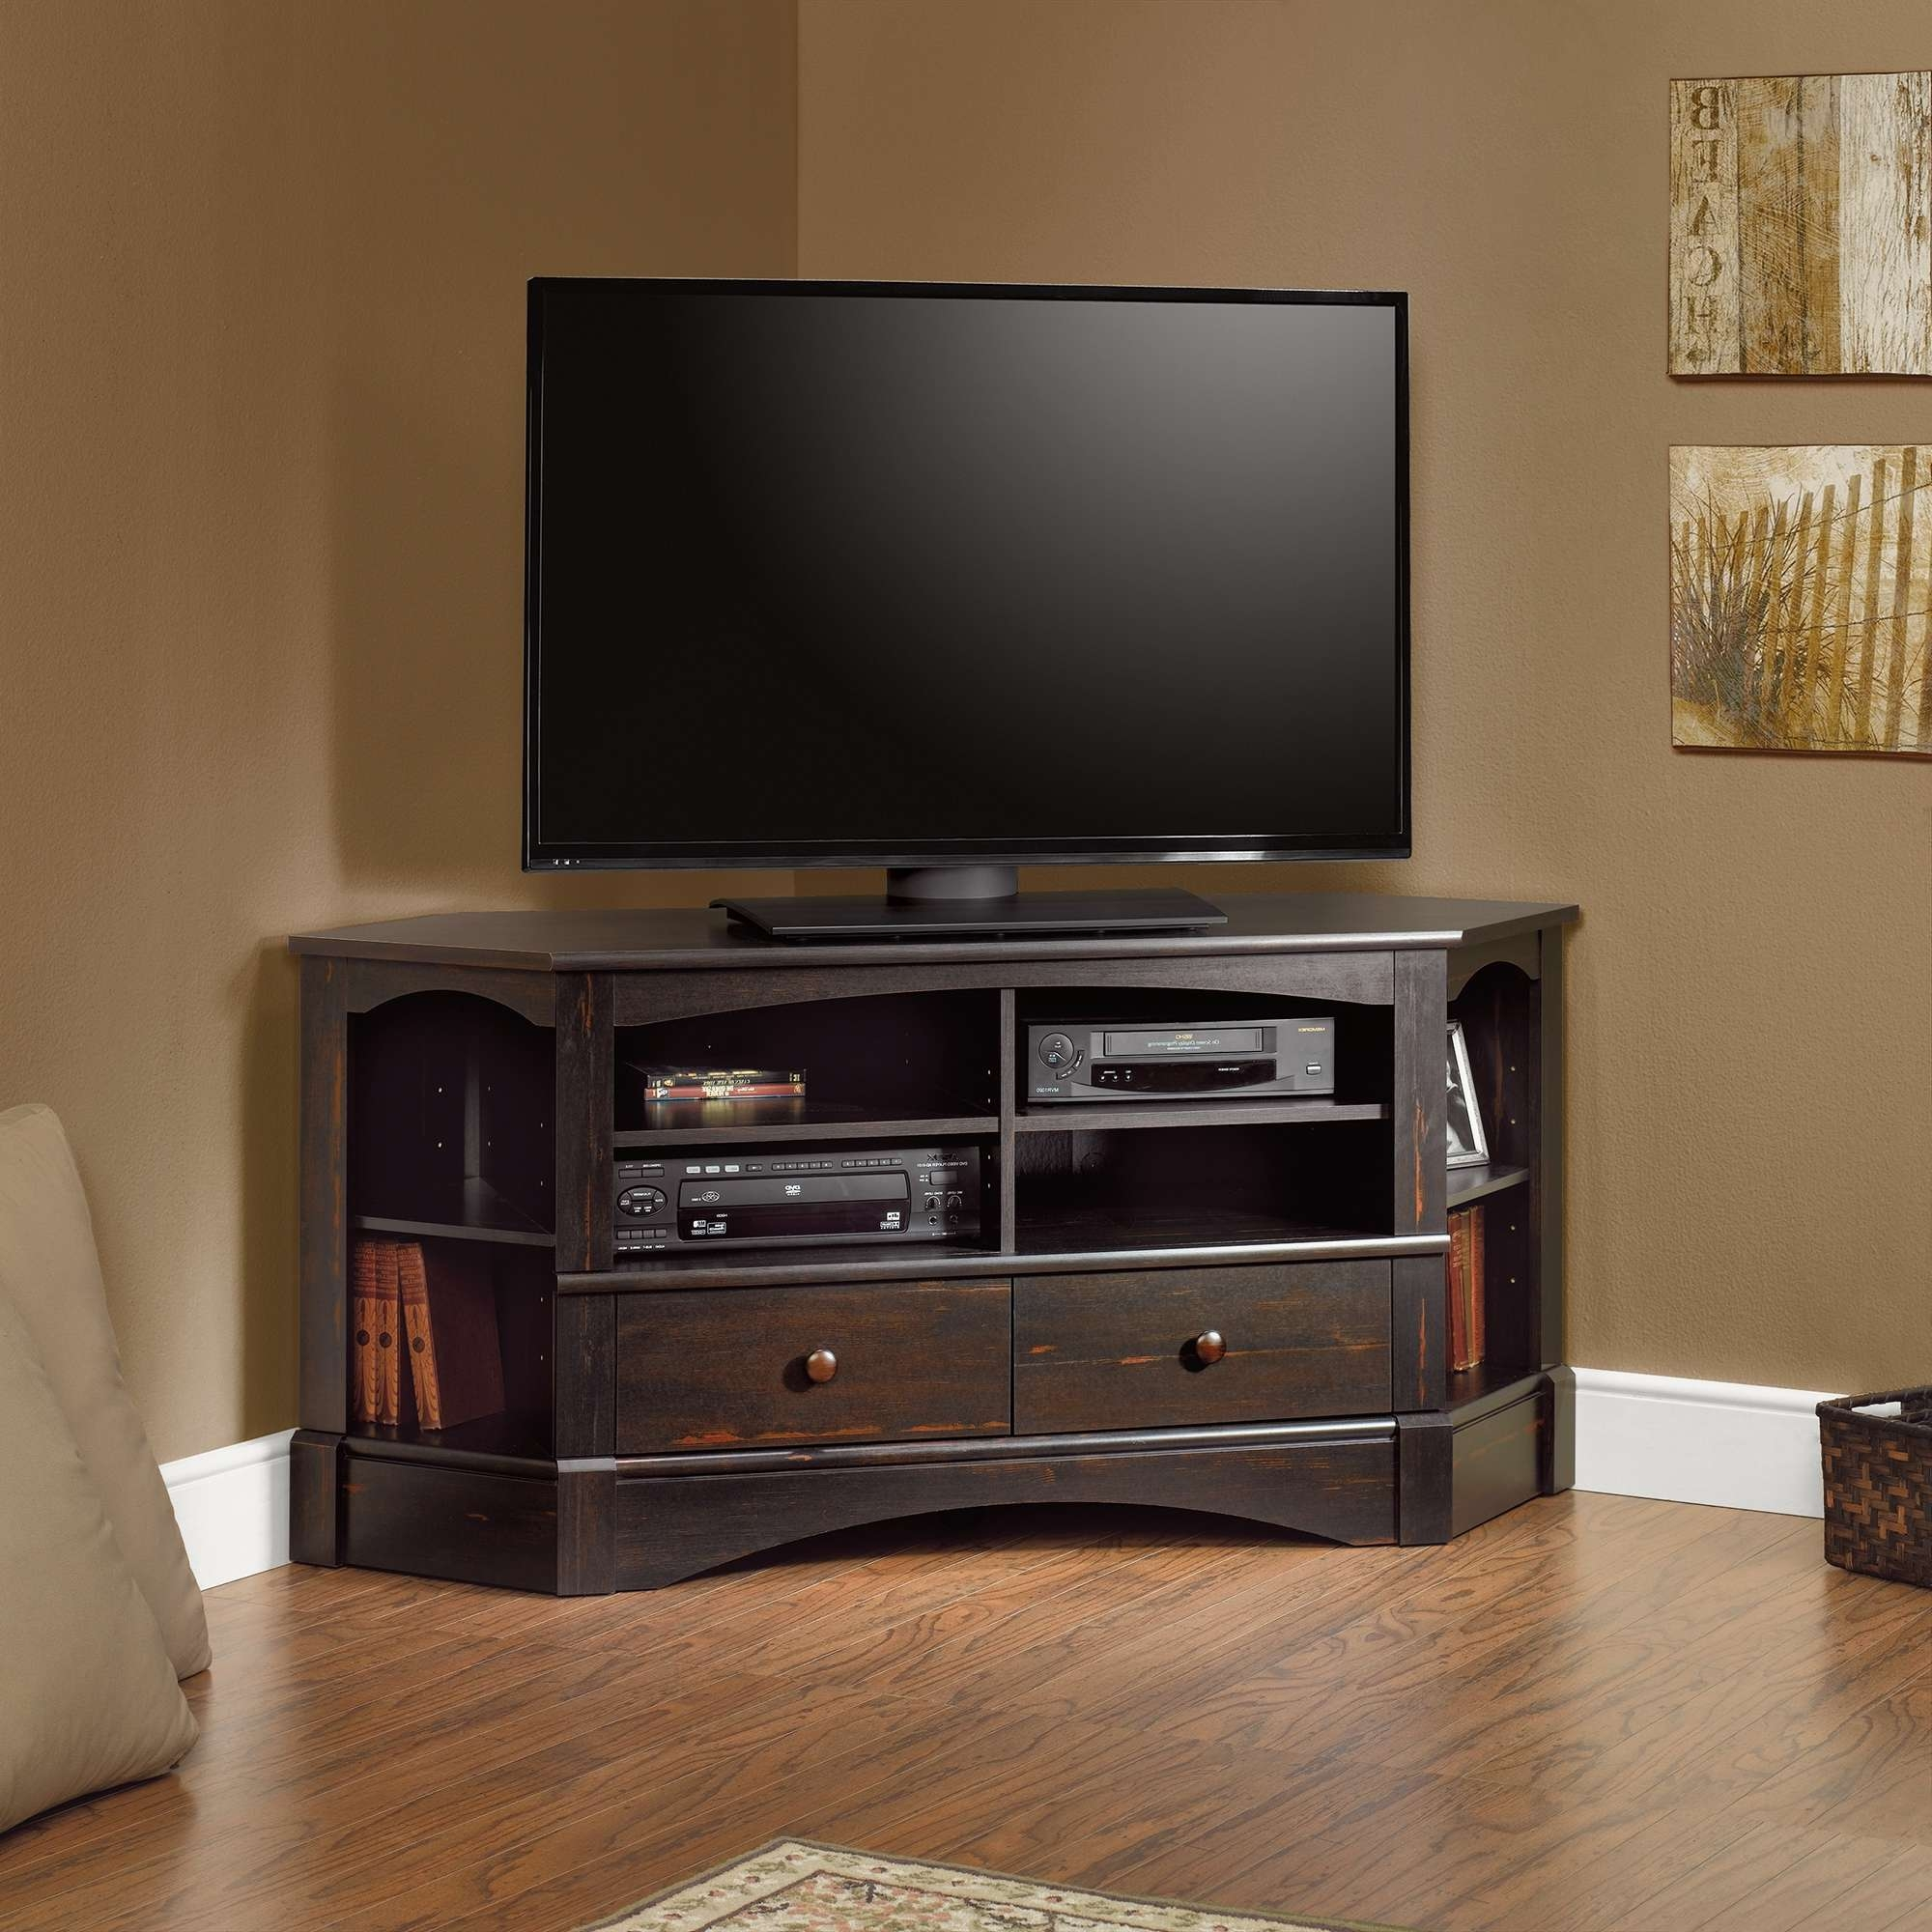 Corner Dark Wood Tv Cabinet • Corner Cabinets For Dark Wood Tv Cabinets (View 20 of 20)